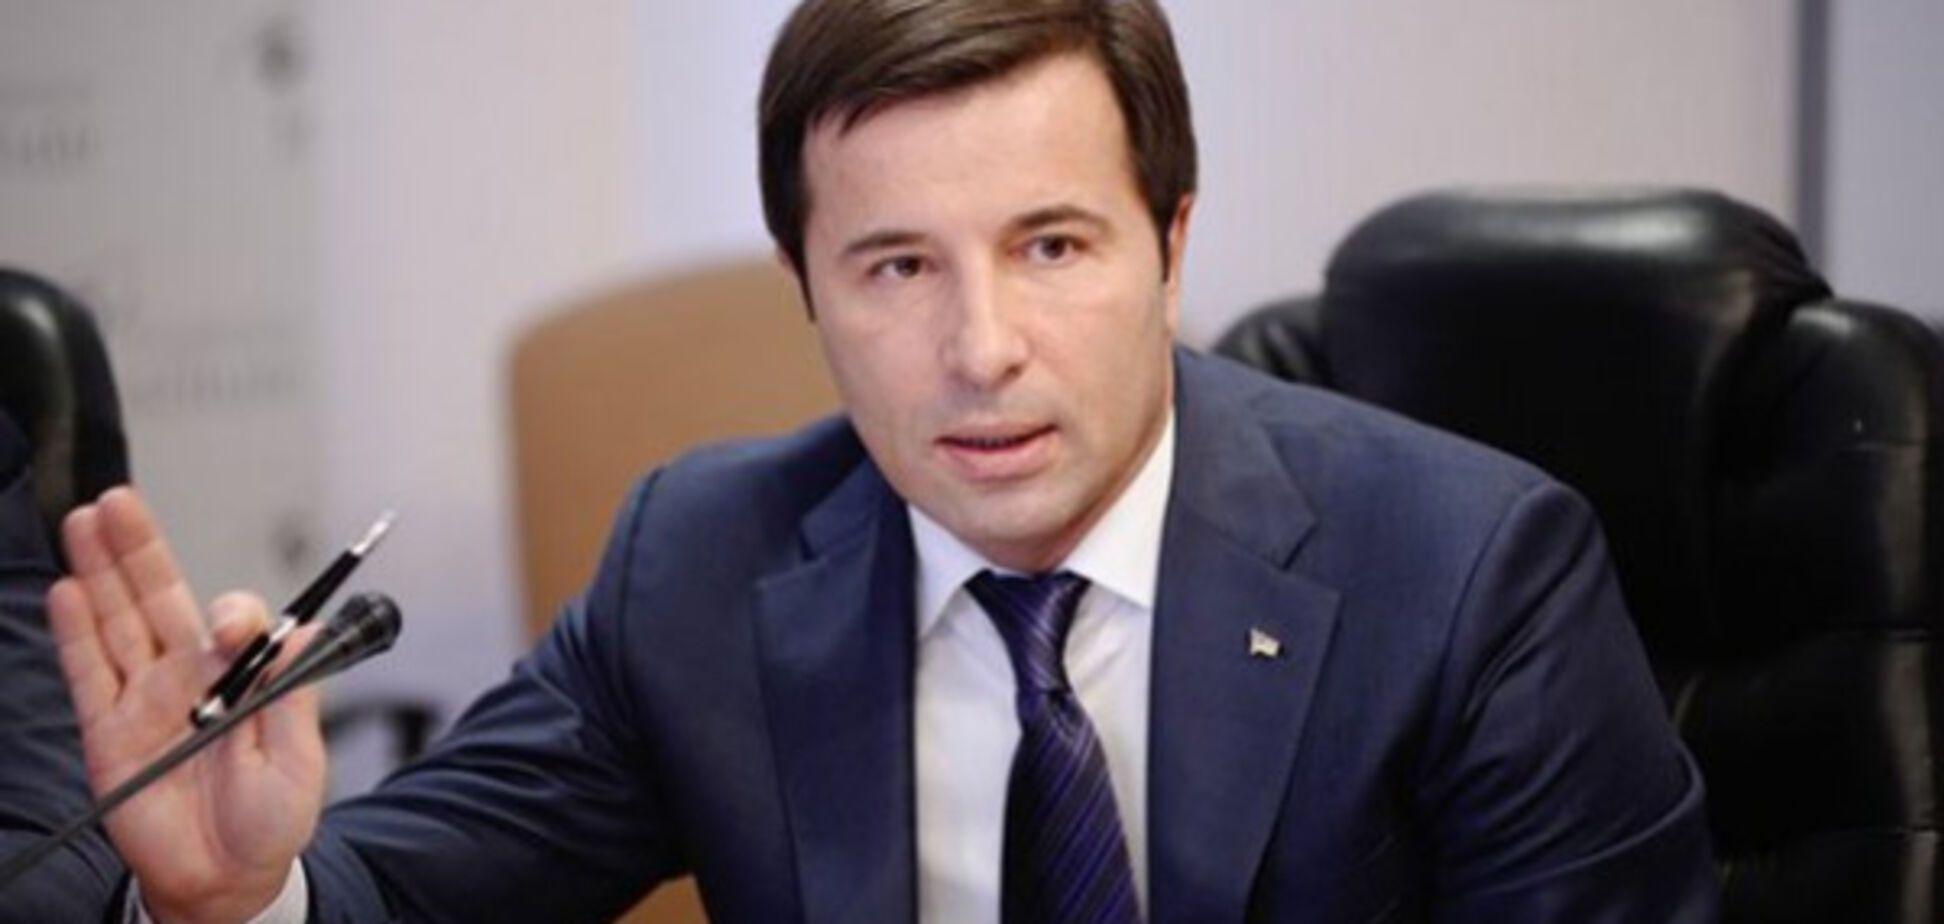 Бондаренко: жители Юго-Востока Украины ориентируются на выходцев из Партии регионов